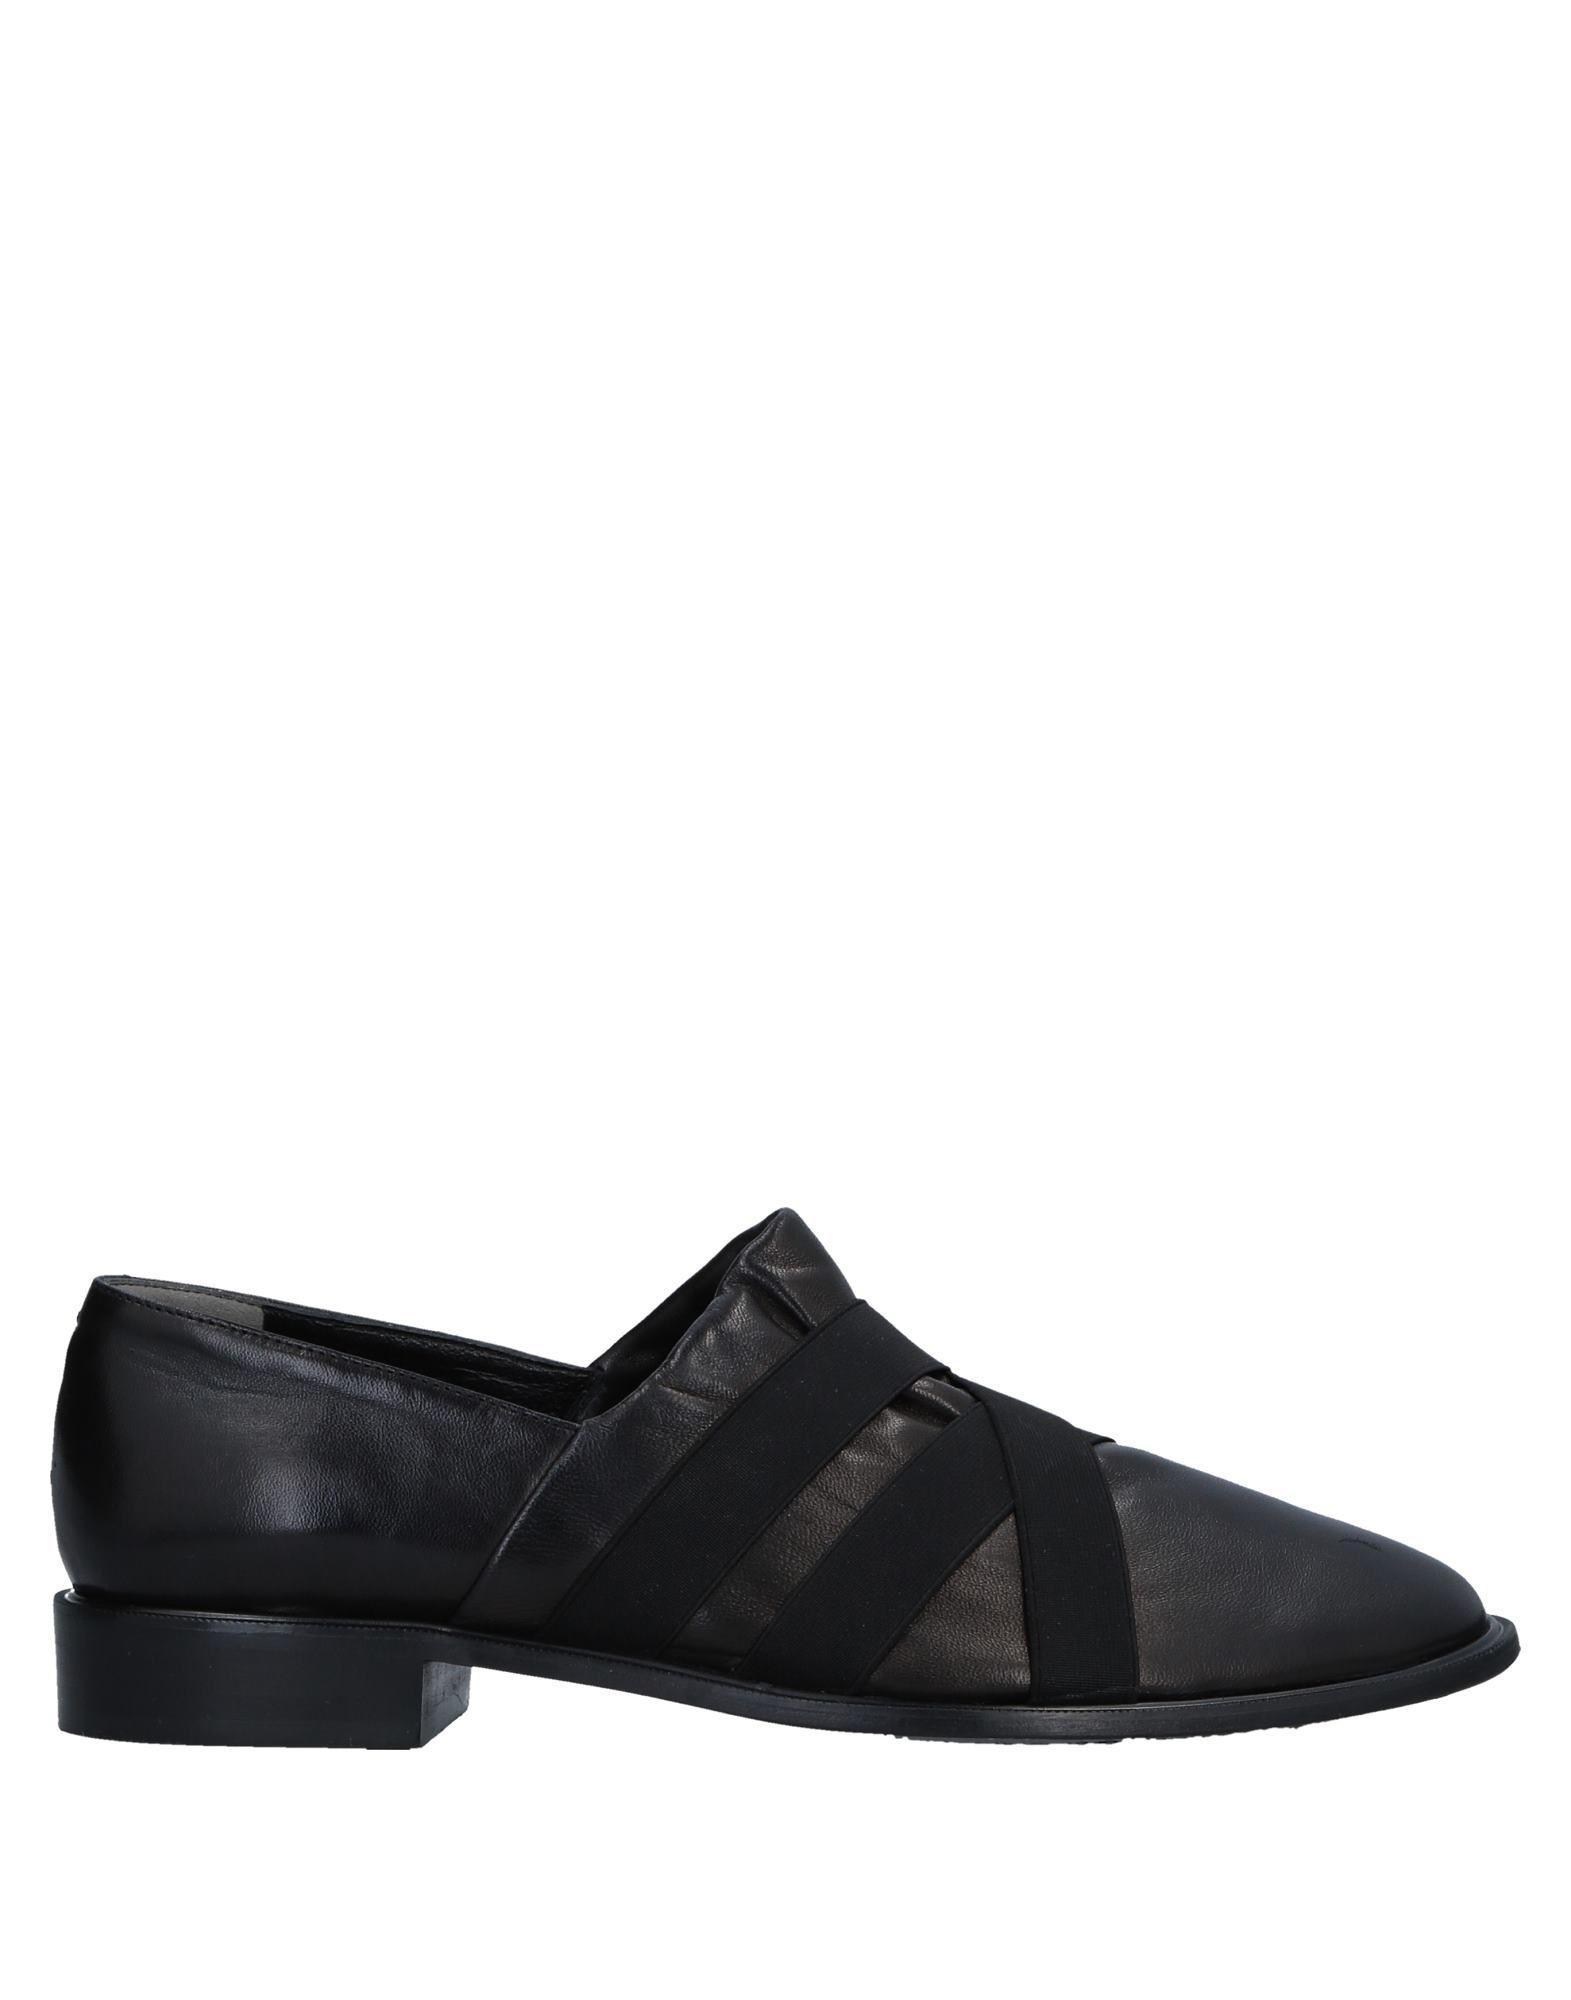 Rabatt Schuhe Robert Clergerie Mokassins Damen  11533873DJ